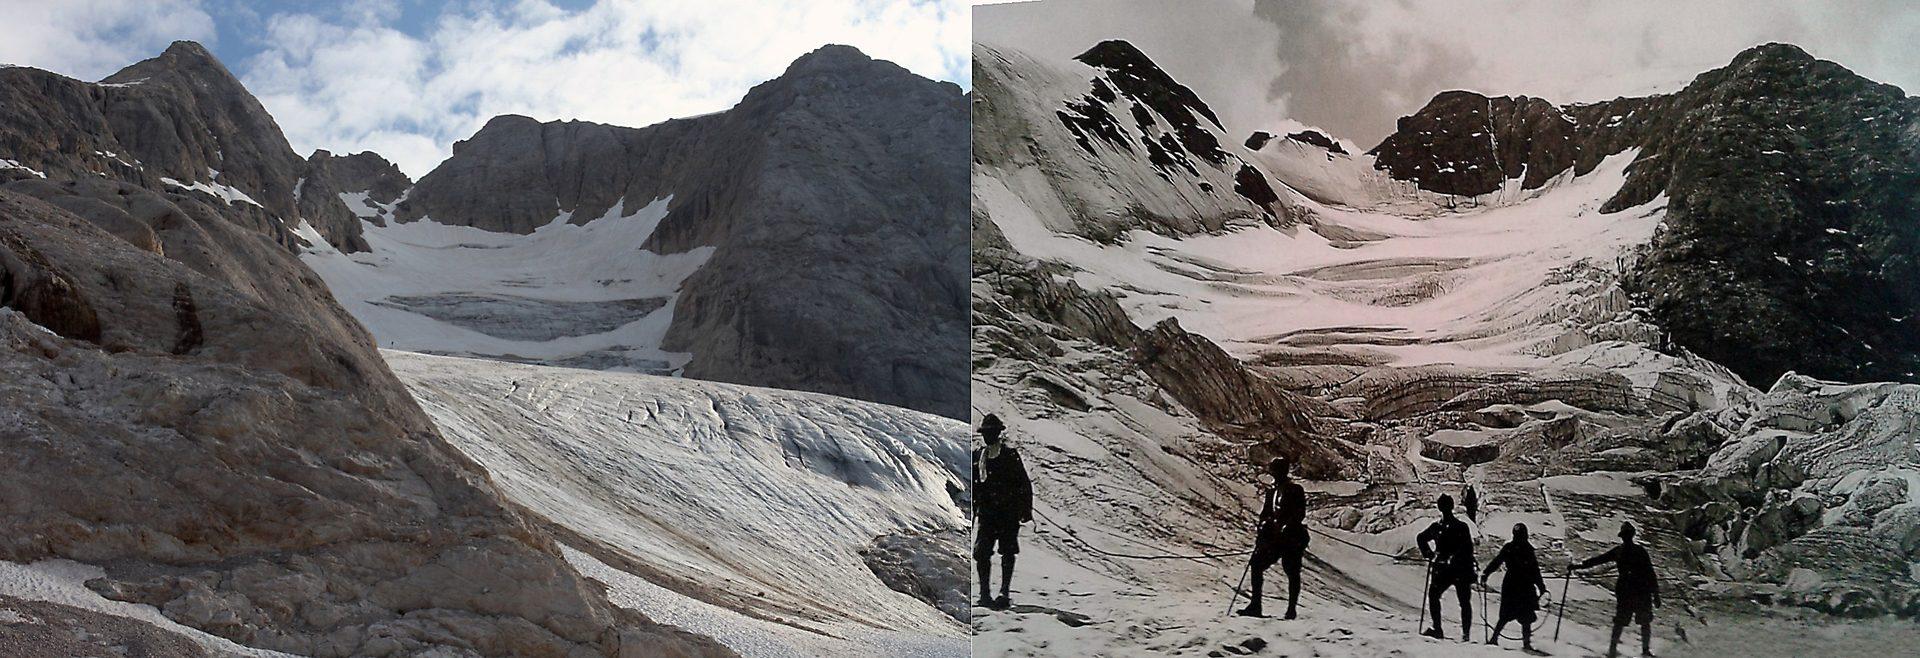 Il ghiacciaio della Marmolada scomparirà nei prossimi decenni